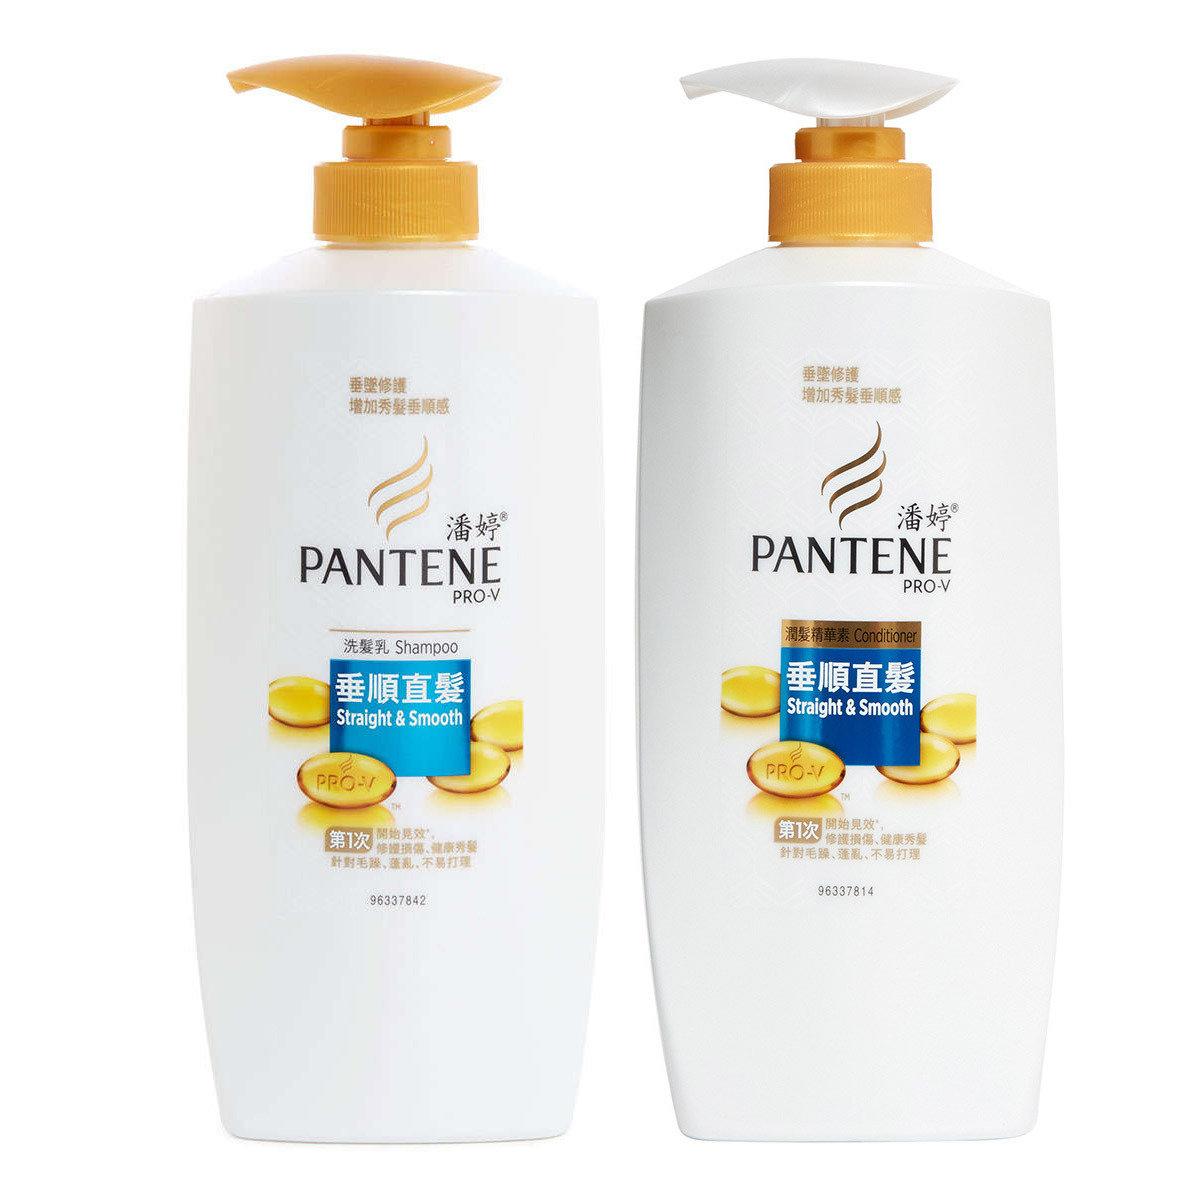 [優惠套裝] 潘婷垂順直髮洗髮護髮套裝